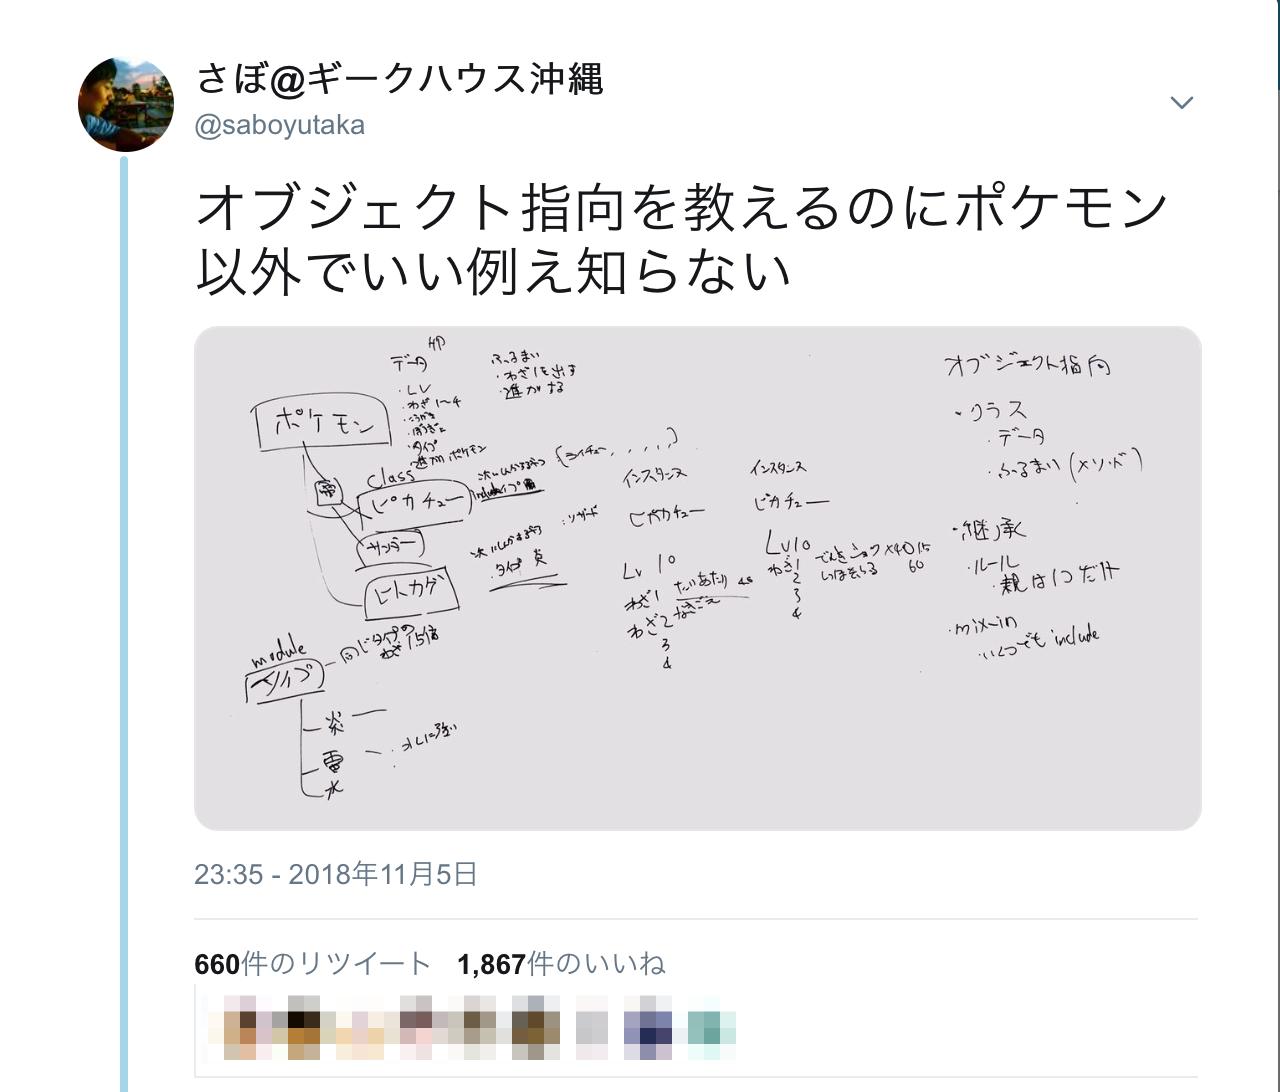 さぼ_ギークハウス沖縄さんのツイート___オブジェクト指向を教えるのにポケモン以外でいい例え知らない…__.png